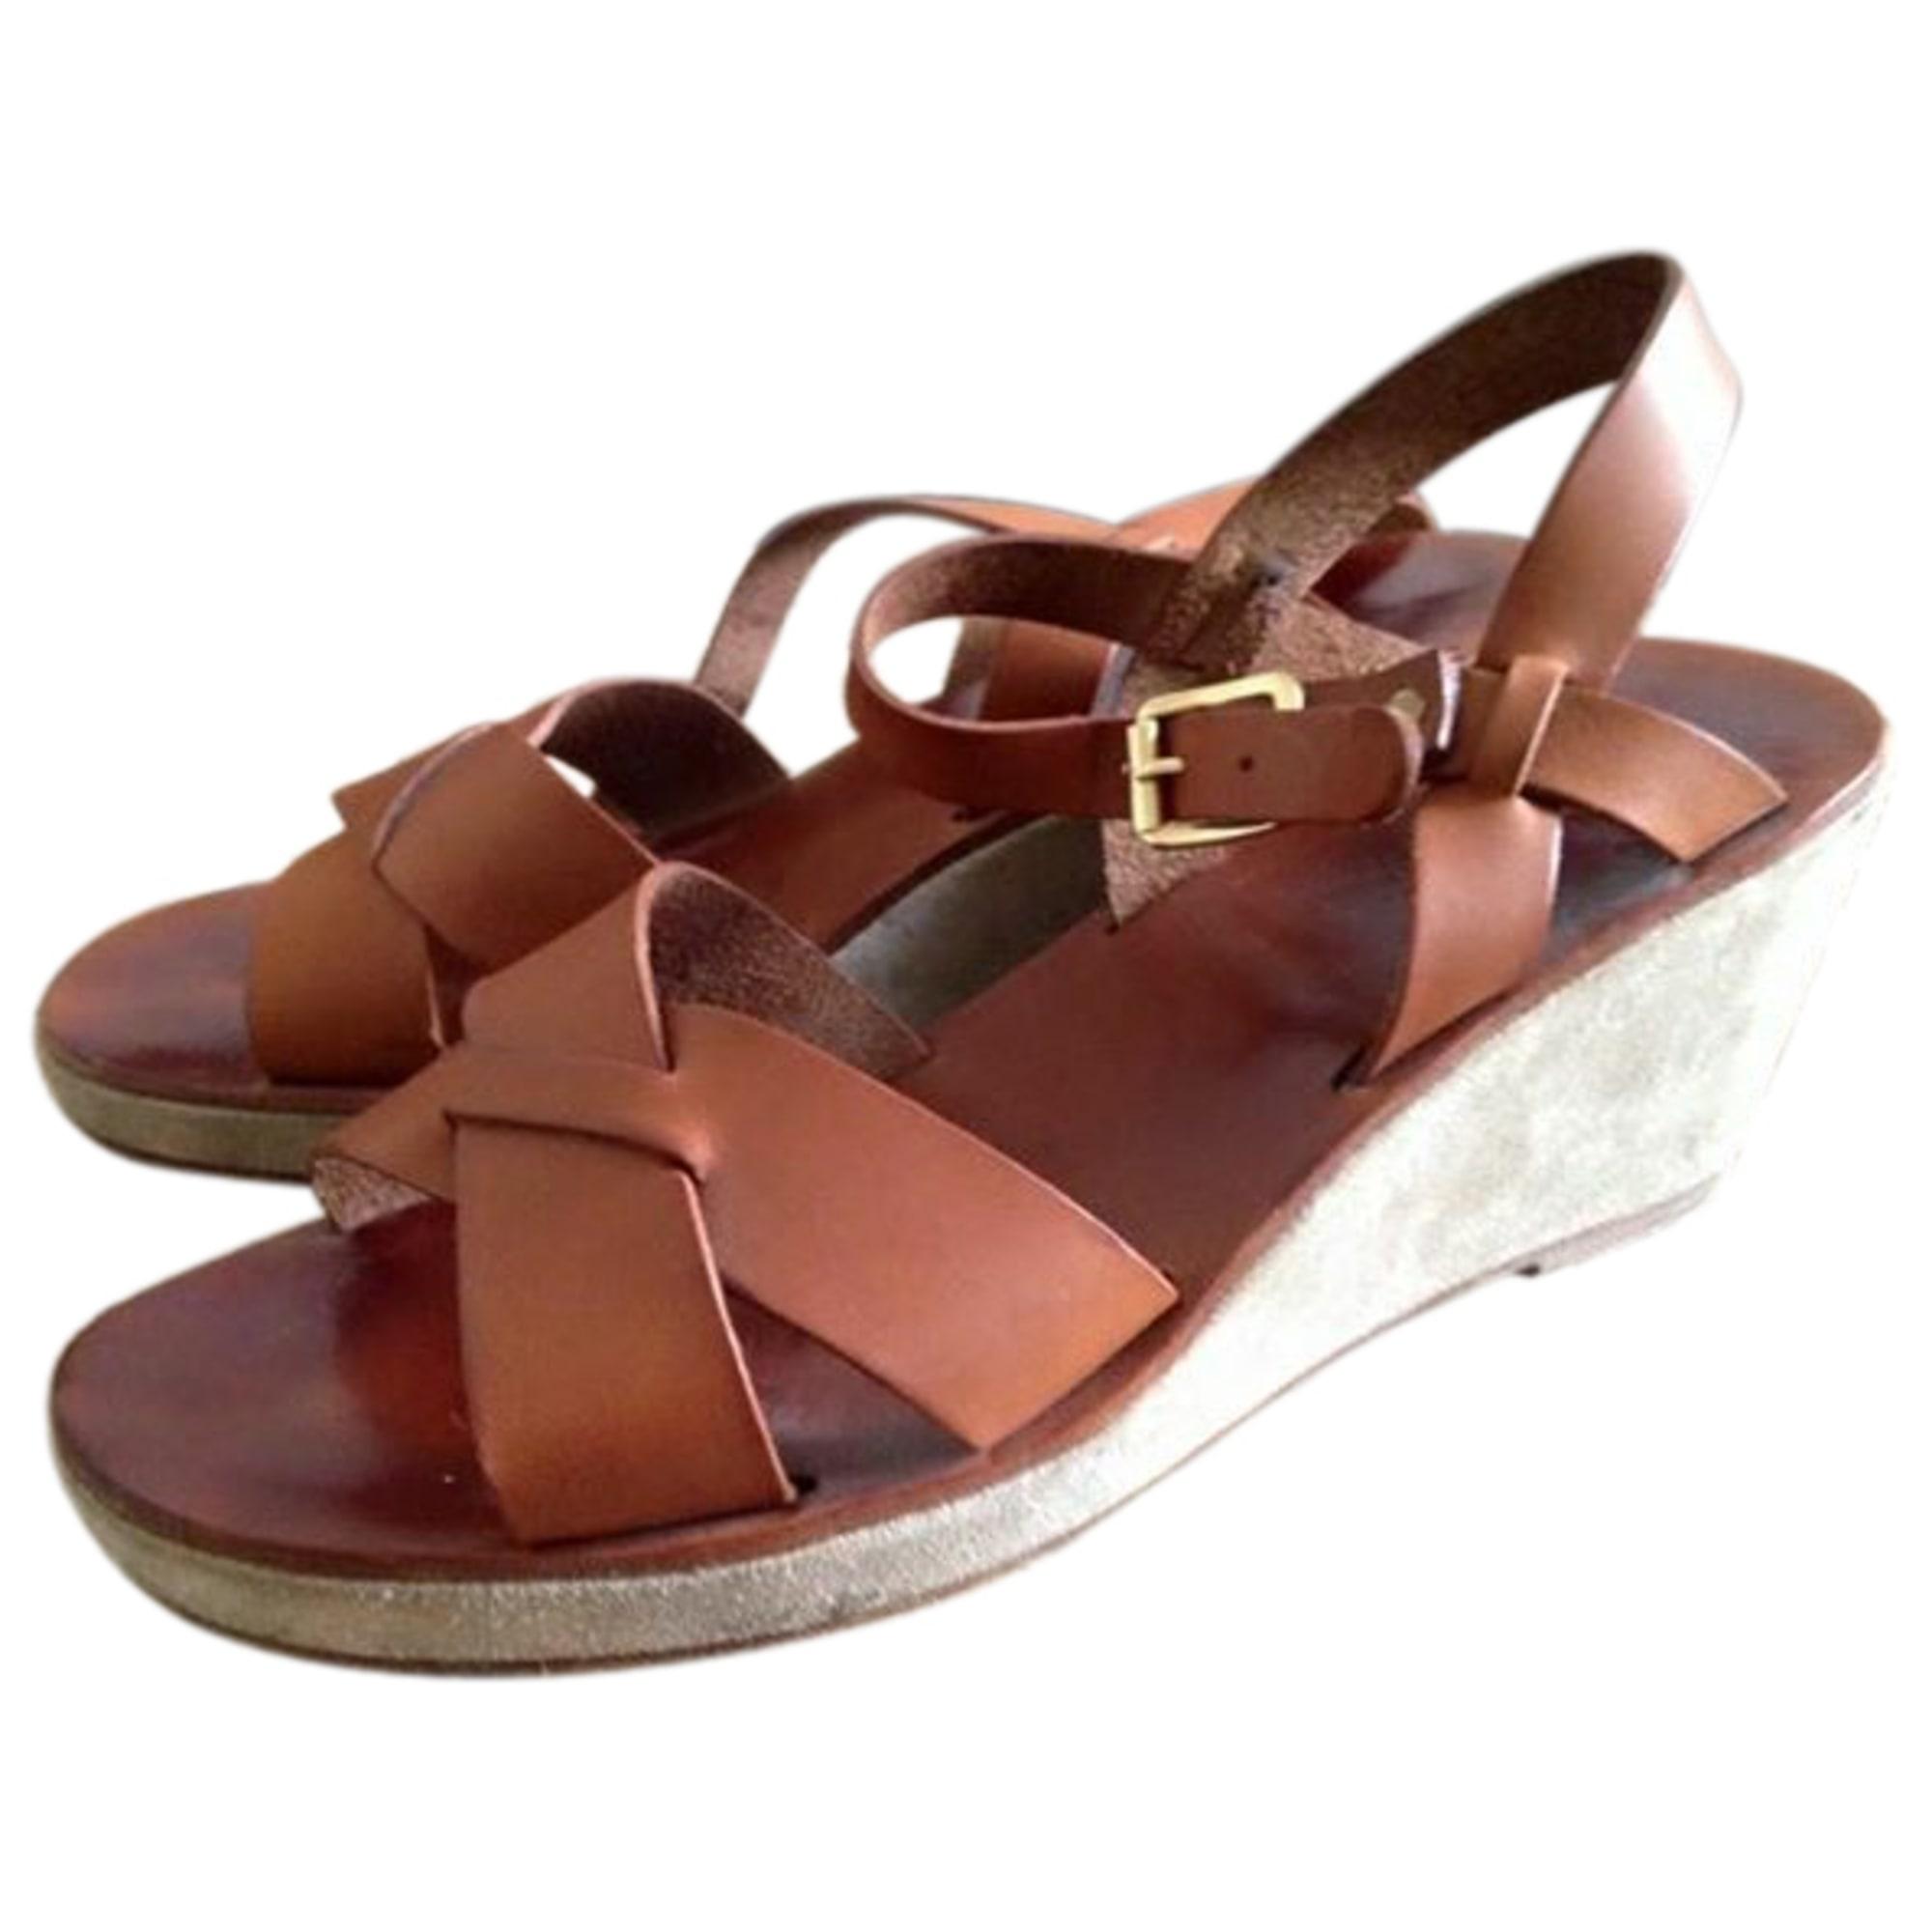 8d43da6cc2fd4 chaussures compensees apc,chaussures compensees san marina ete 2011,baskets  compensees pull and bear